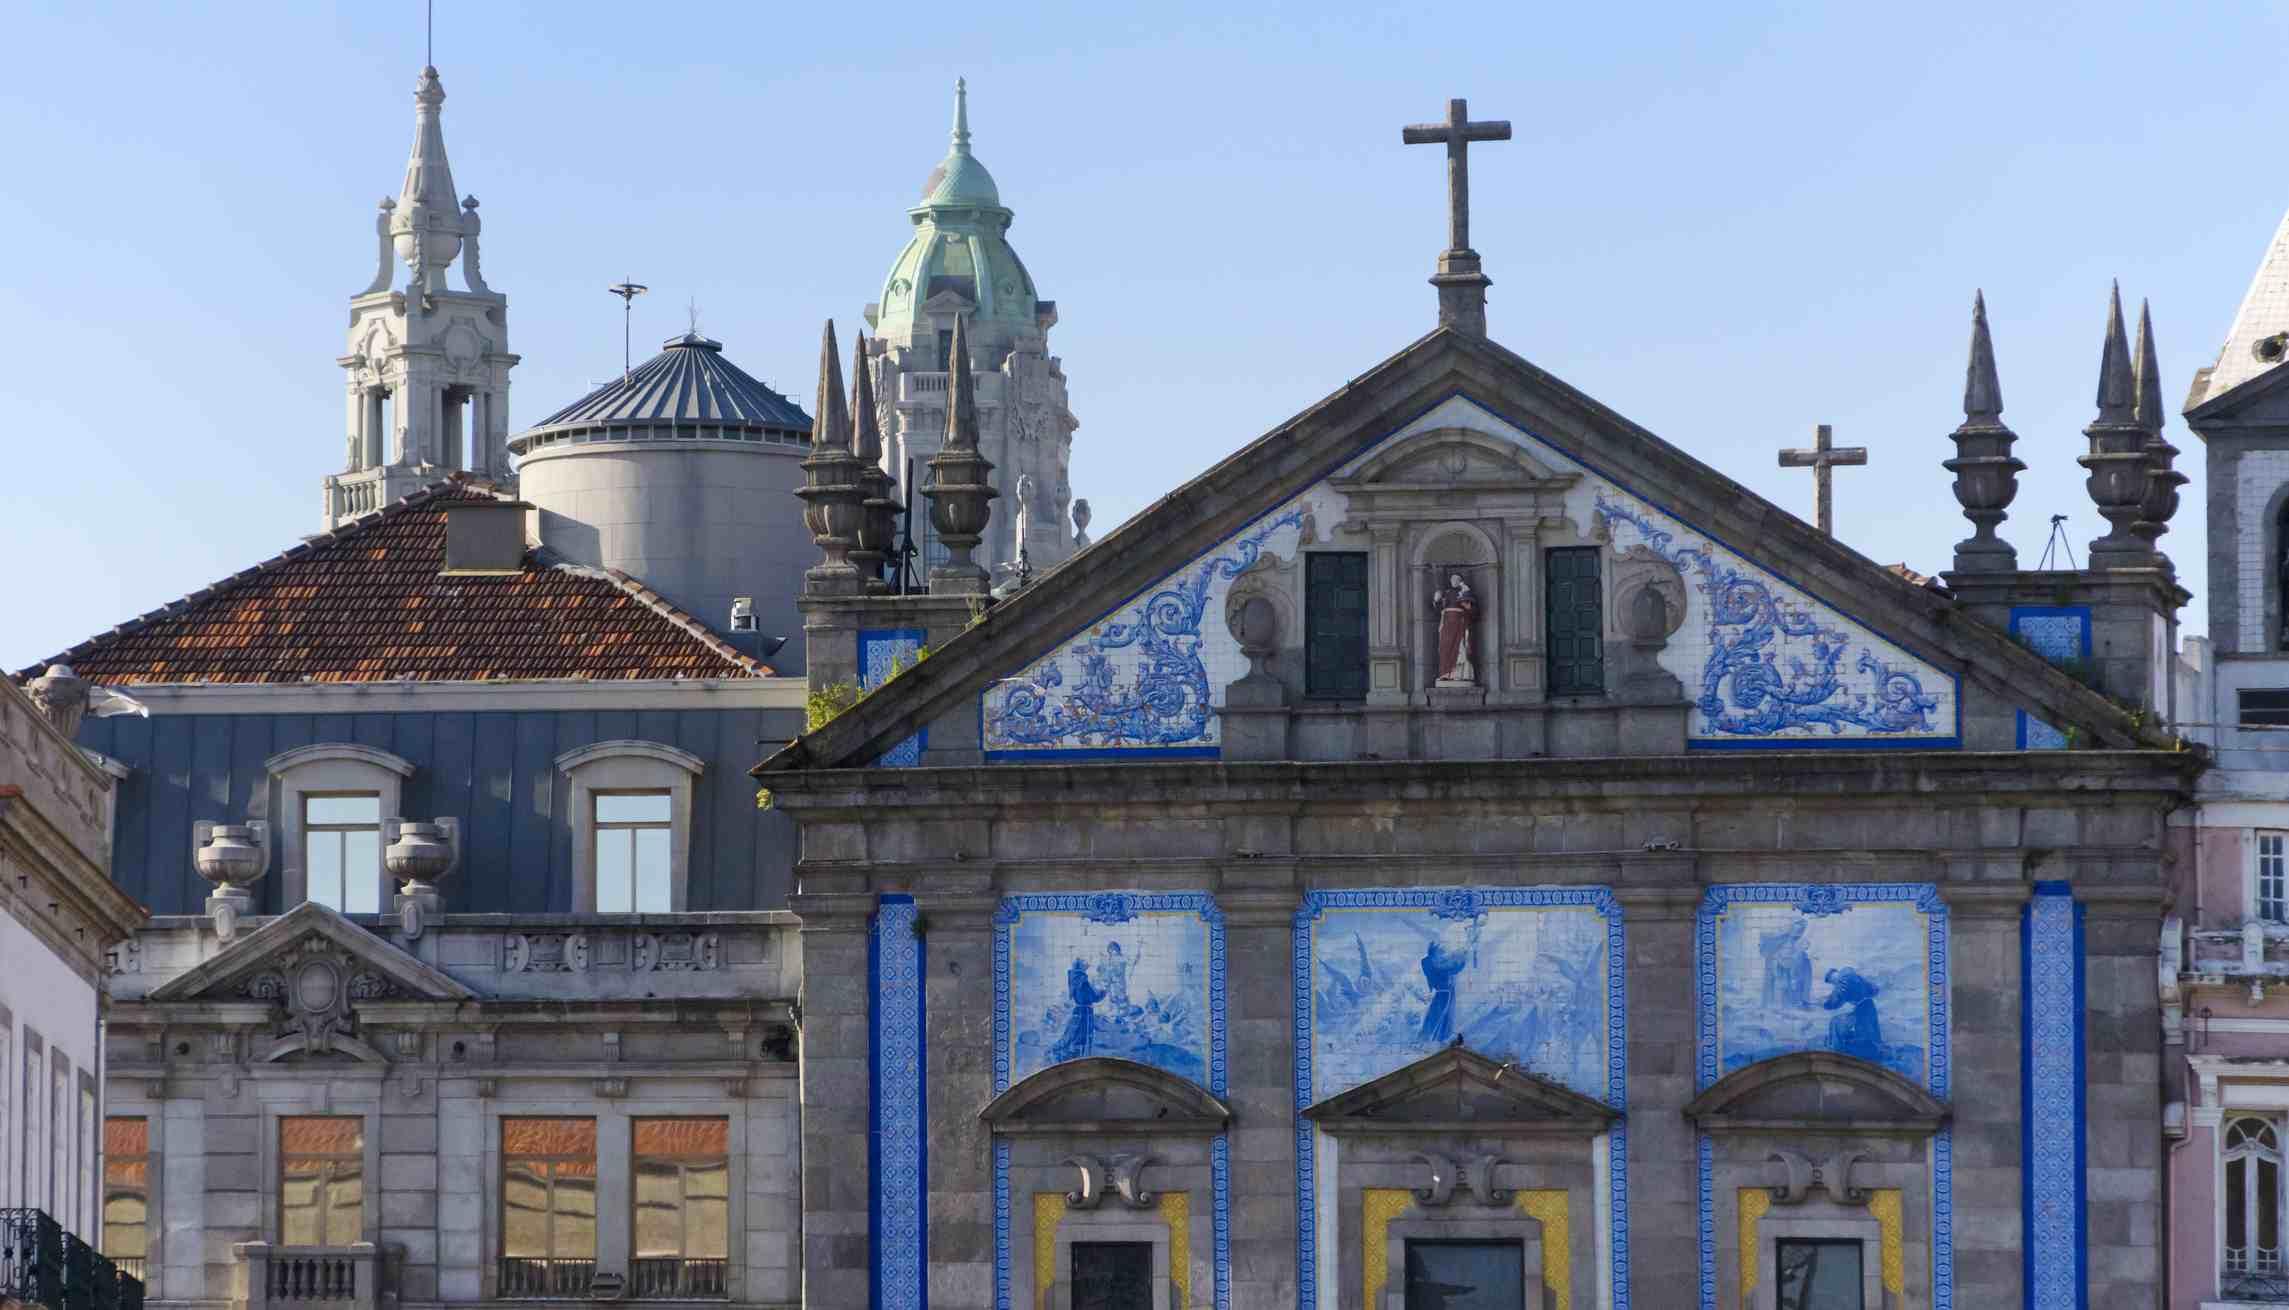 Tiled church in Porto, Portugal